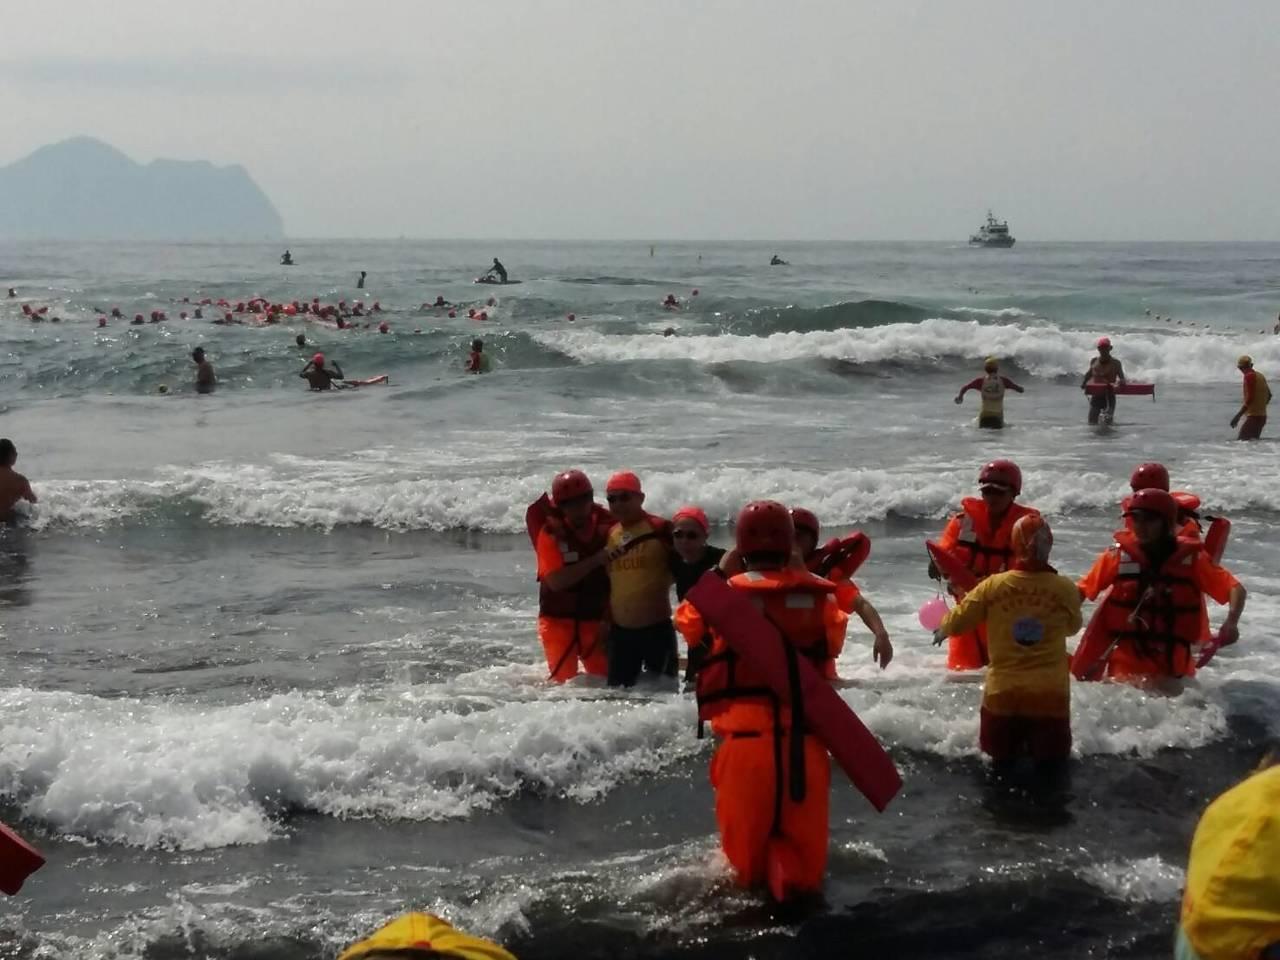 龜山島海上長泳遇到這種險浪,泳客隨浪浮沉,彷彿坐海上雲霄飛車,暈的暈、吐的吐被救...